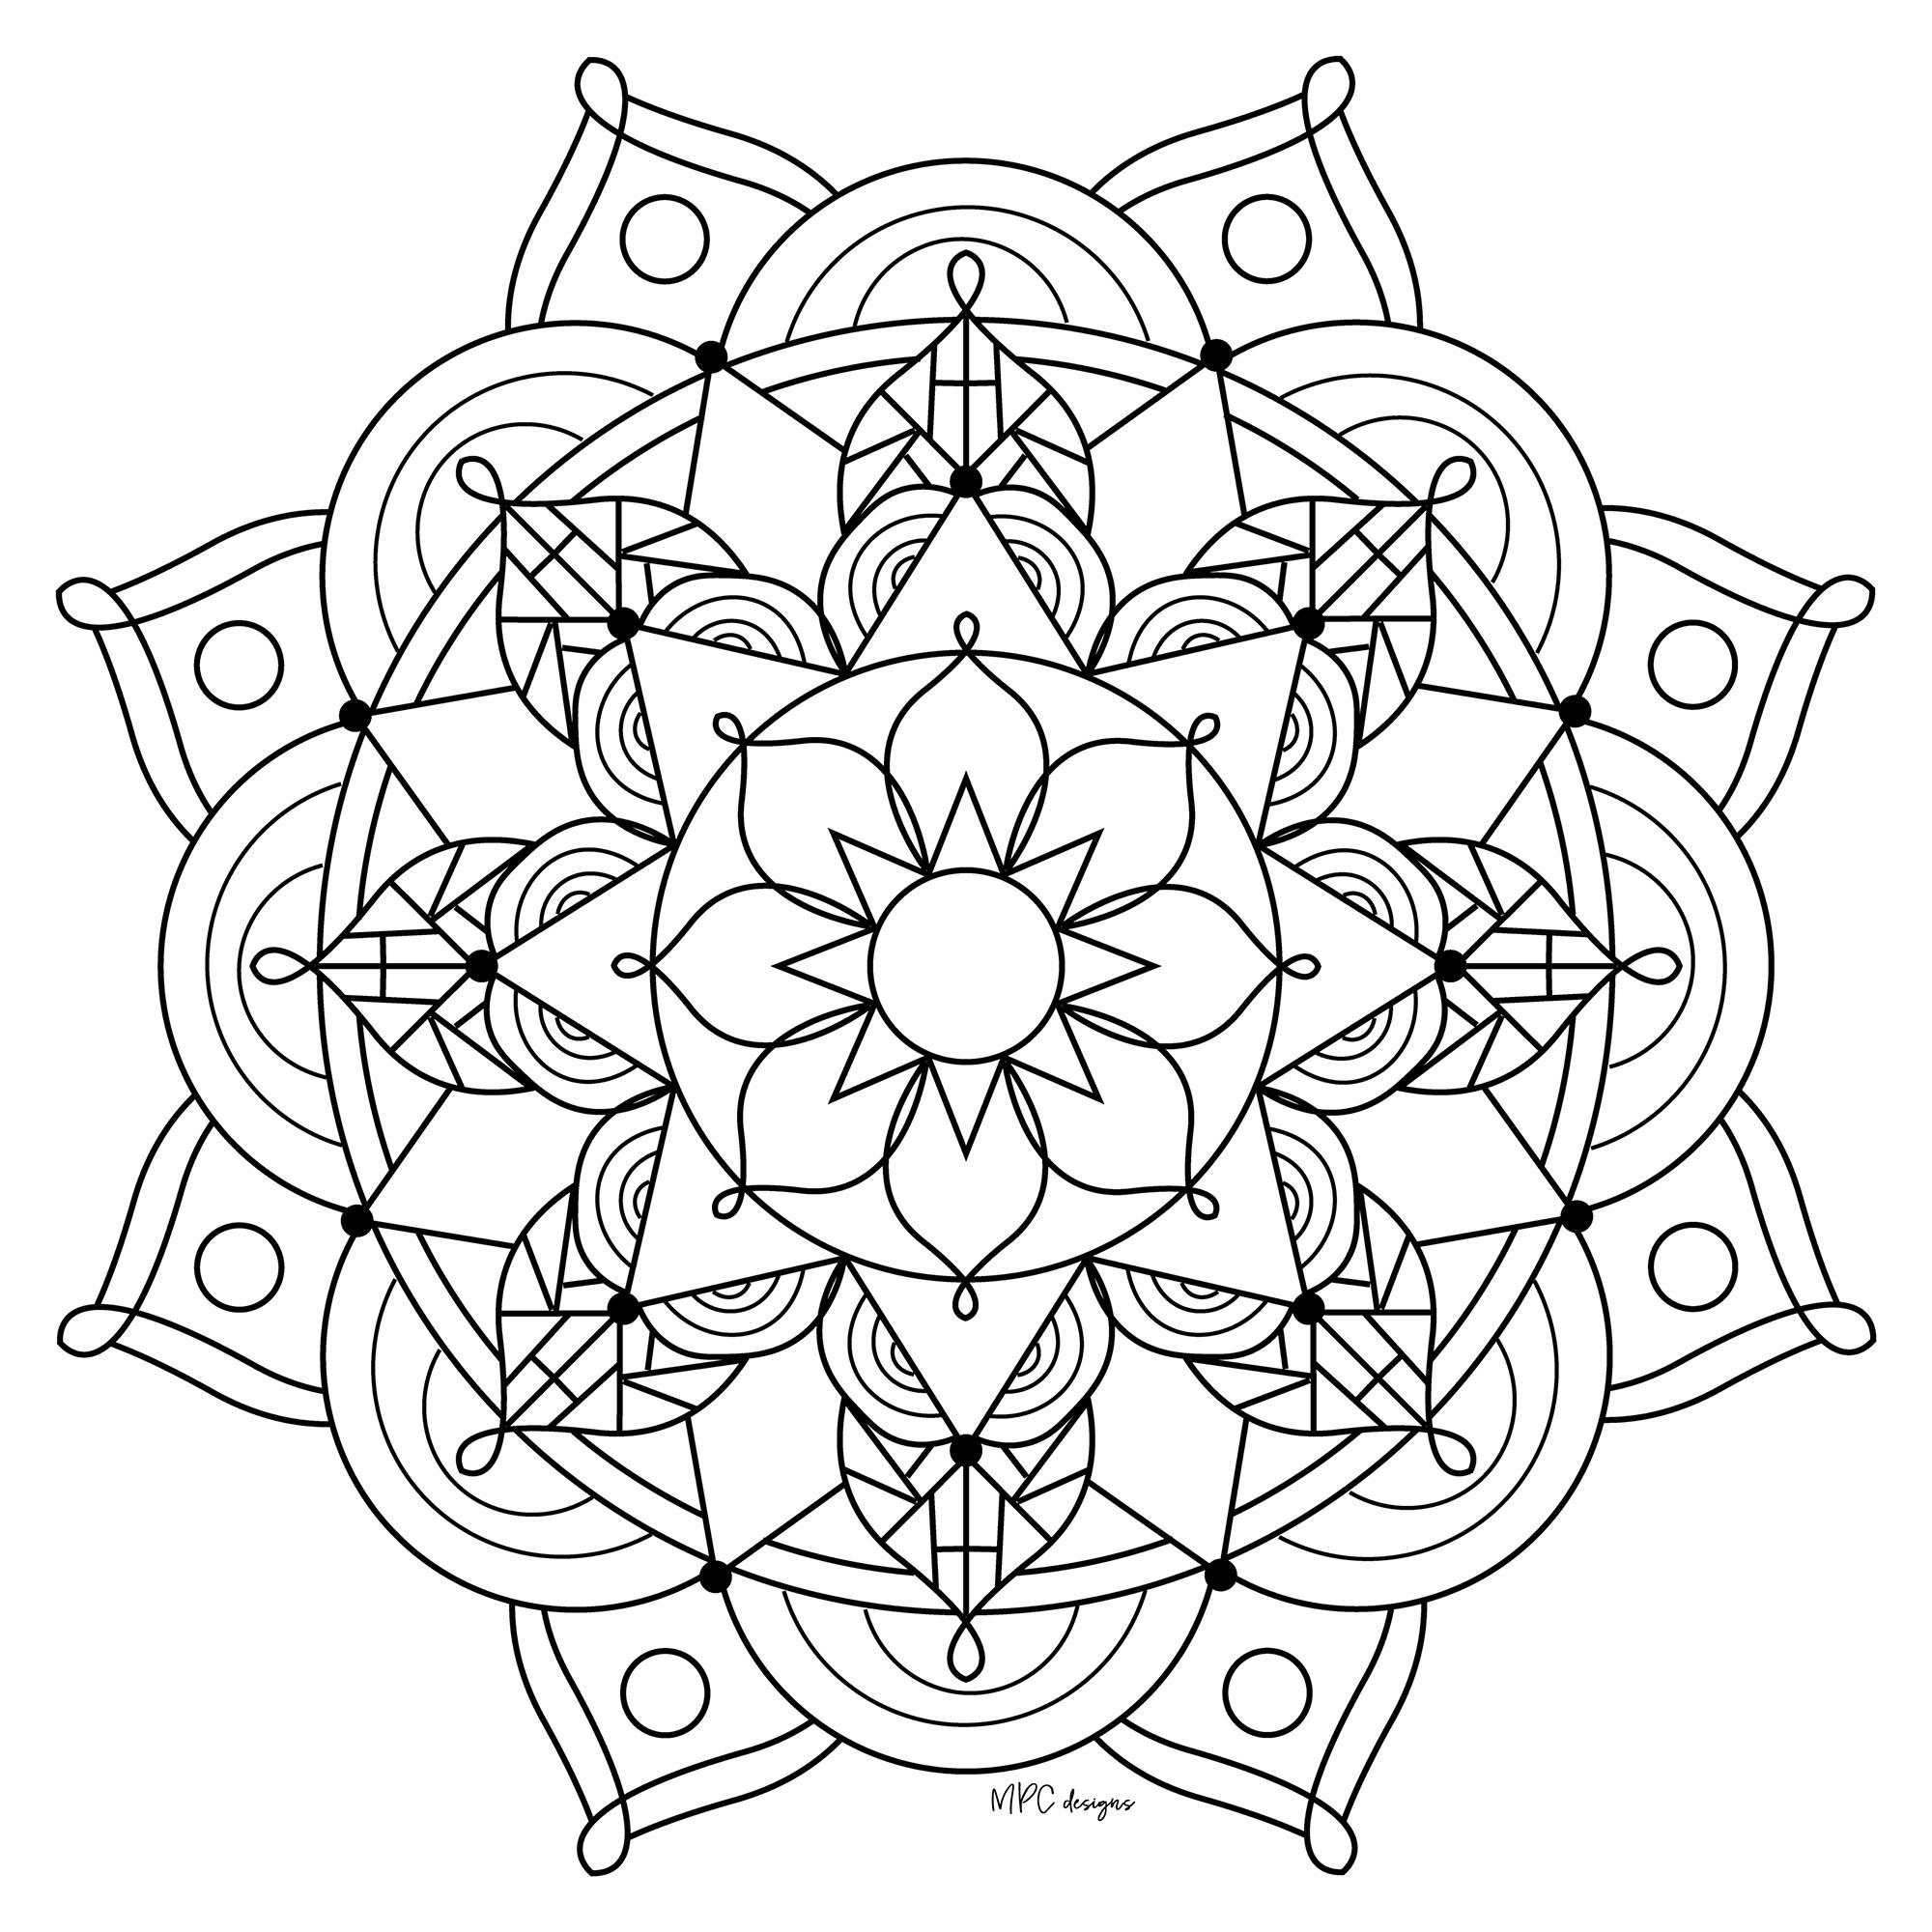 Joli Mandala Déstressant - Mandalas Zen & Anti-Stress - 100 tout Image Zen A Imprimer